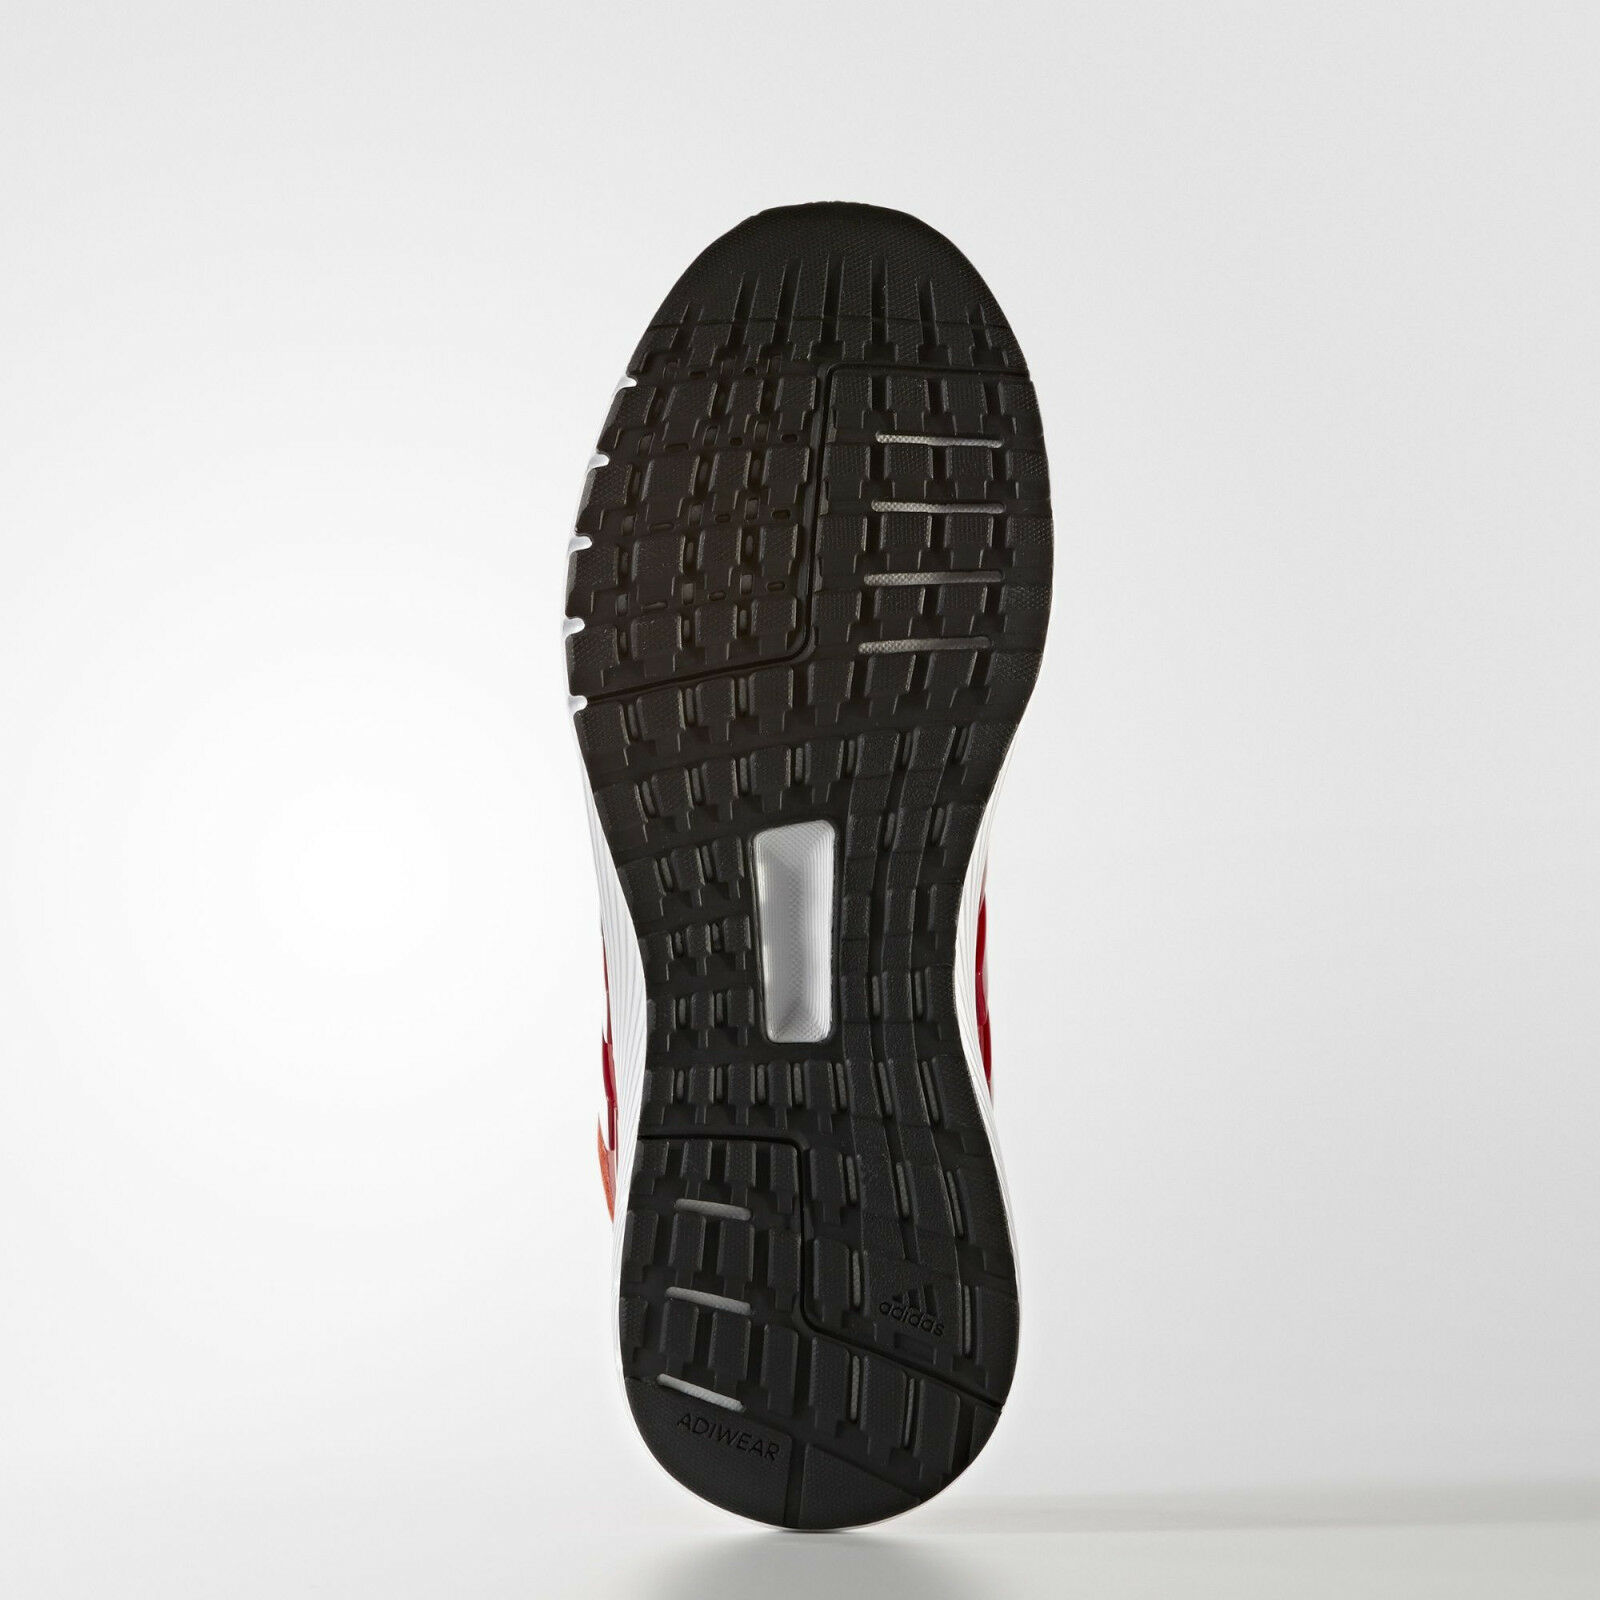 281b16ec60a ... Zapatos de Hombre Correr Tenis Duramo Adidas 8 Rojo Cloudfoam Cloudfoam  Cloudfoam Adiwear BB4662 Hombre Nuevo ...